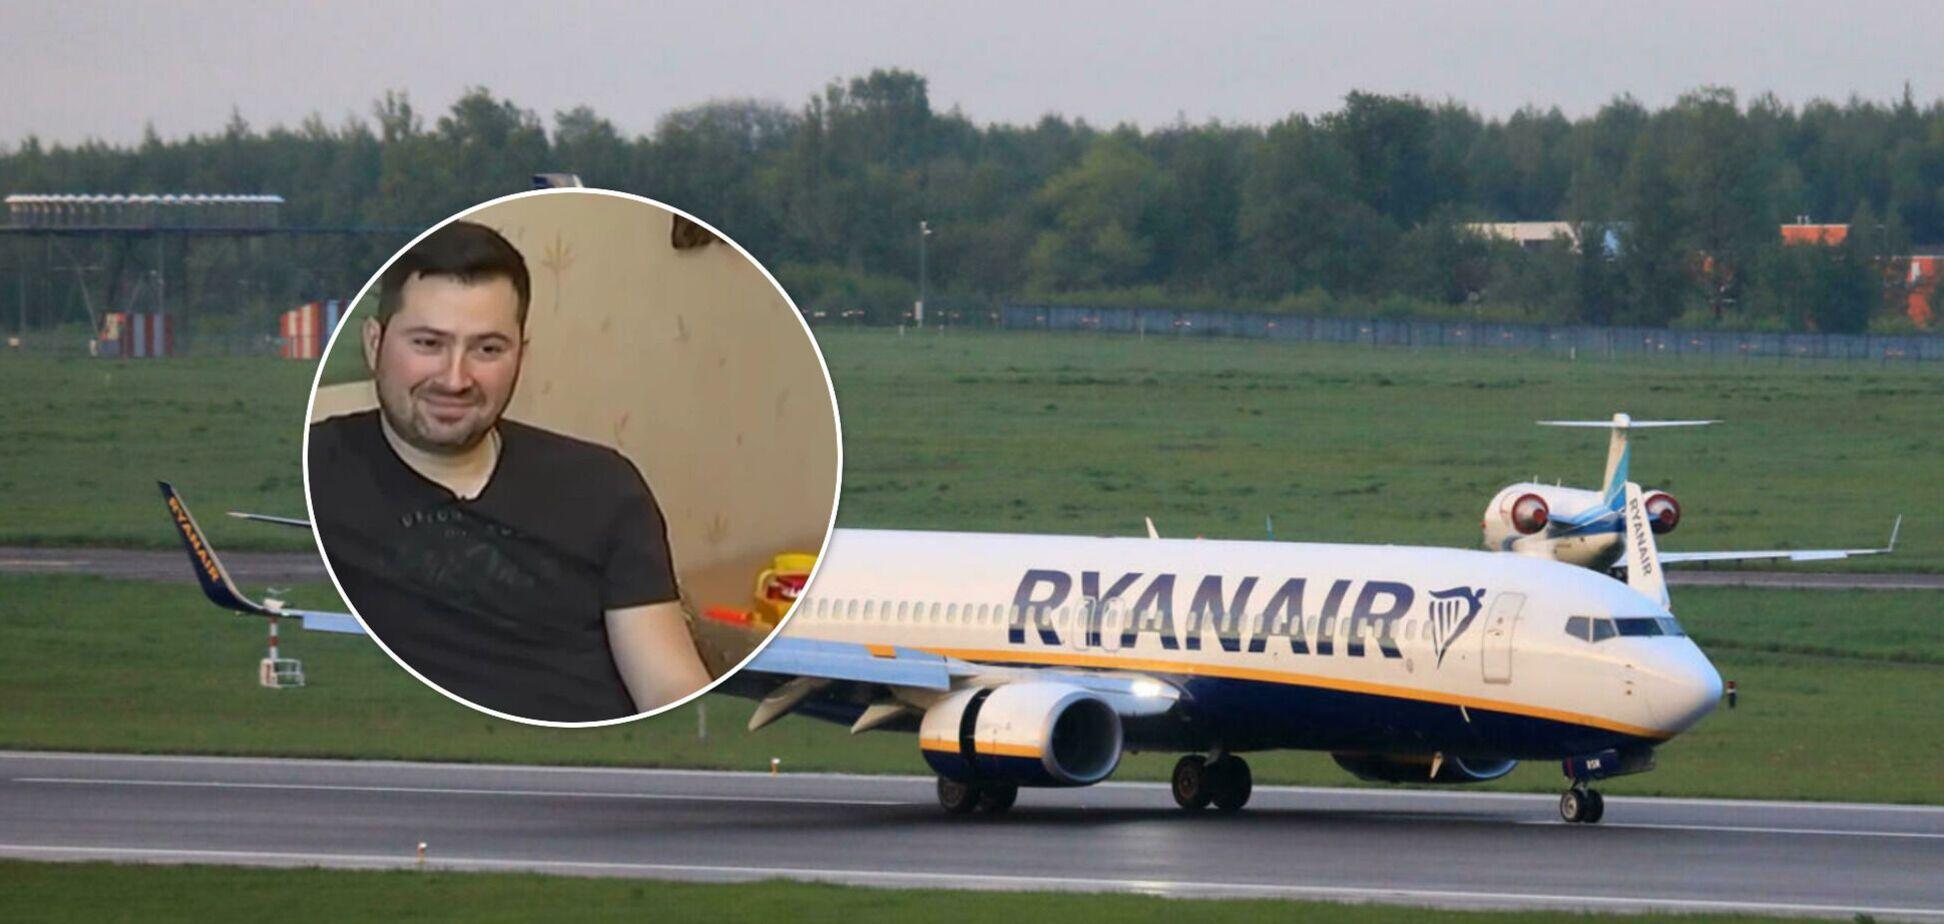 Посадивший самолет с Протасевичем диспетчер перестал выходить на связь – СМИ